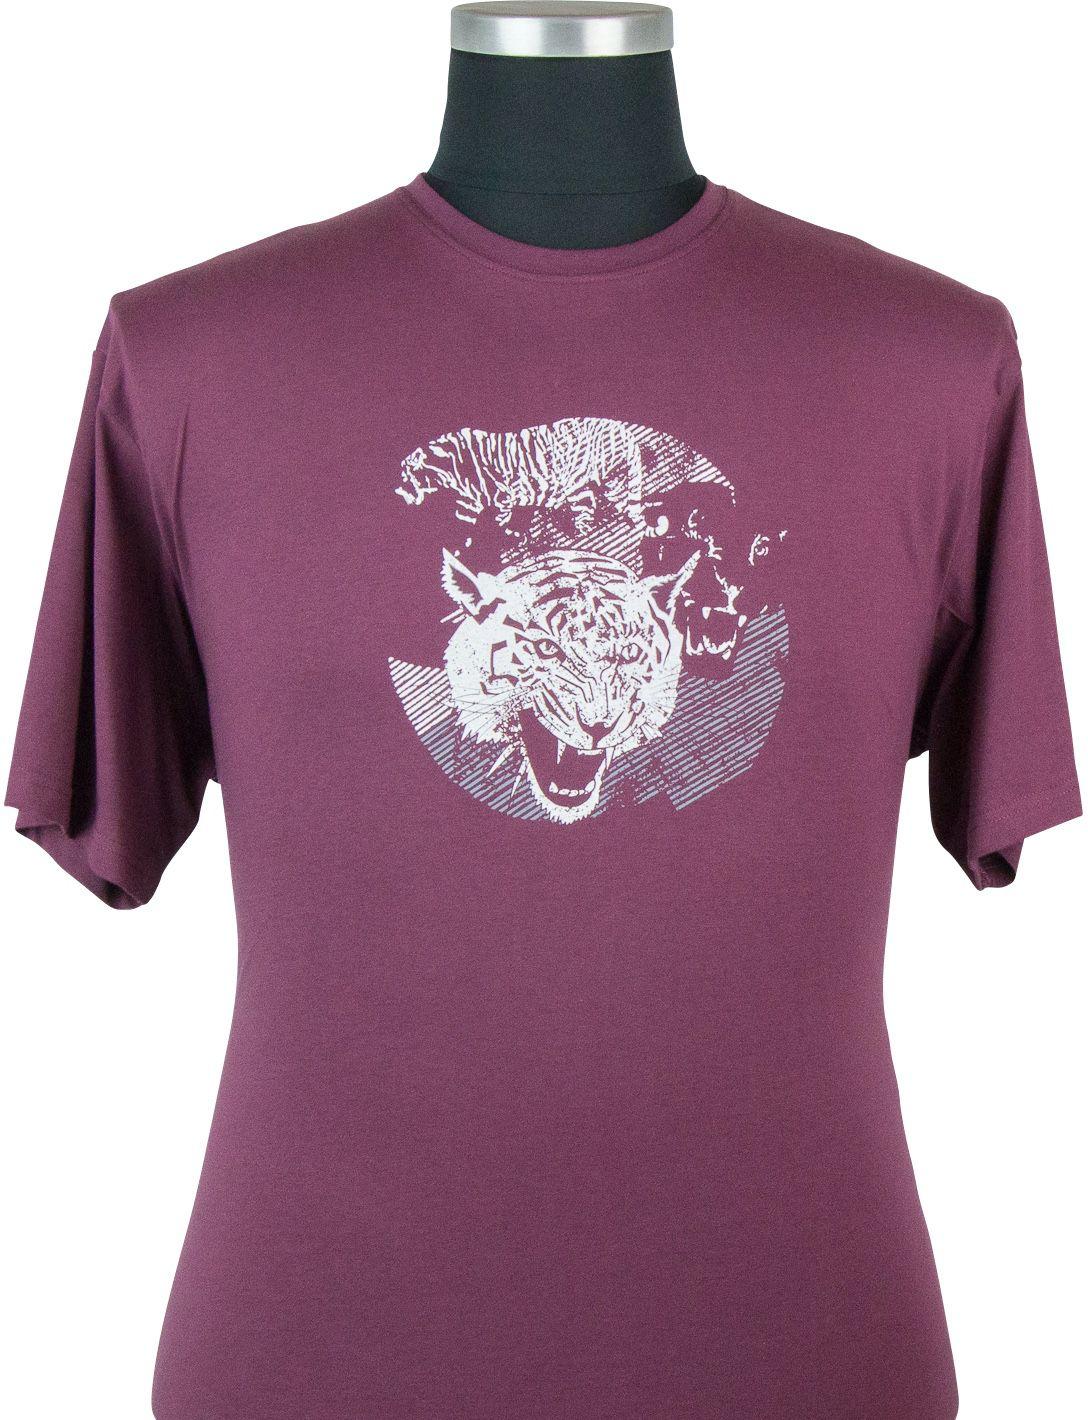 Tshirt Manches Courtes Bordeaux Cotton Valley du 2XL au 8XL